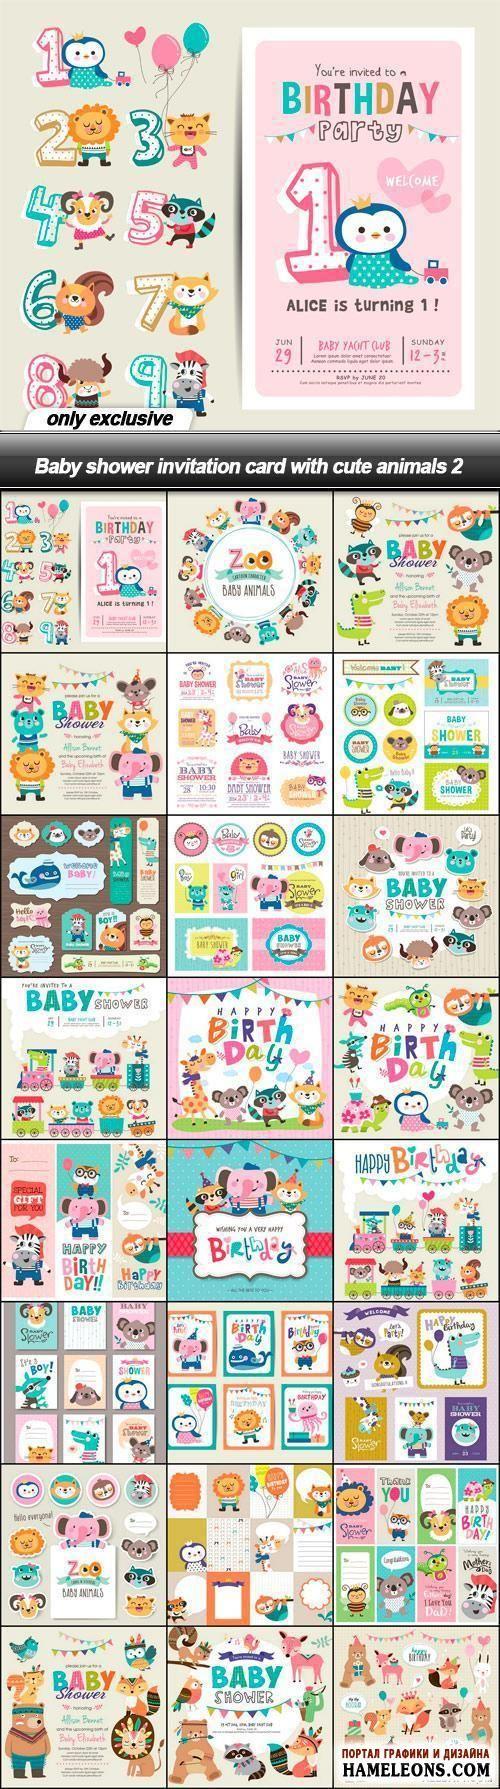 Бэби Шауэр - в векторе пригласительные открытки на детский праздник с забавными животными   Baby shower invitation card with cute animals